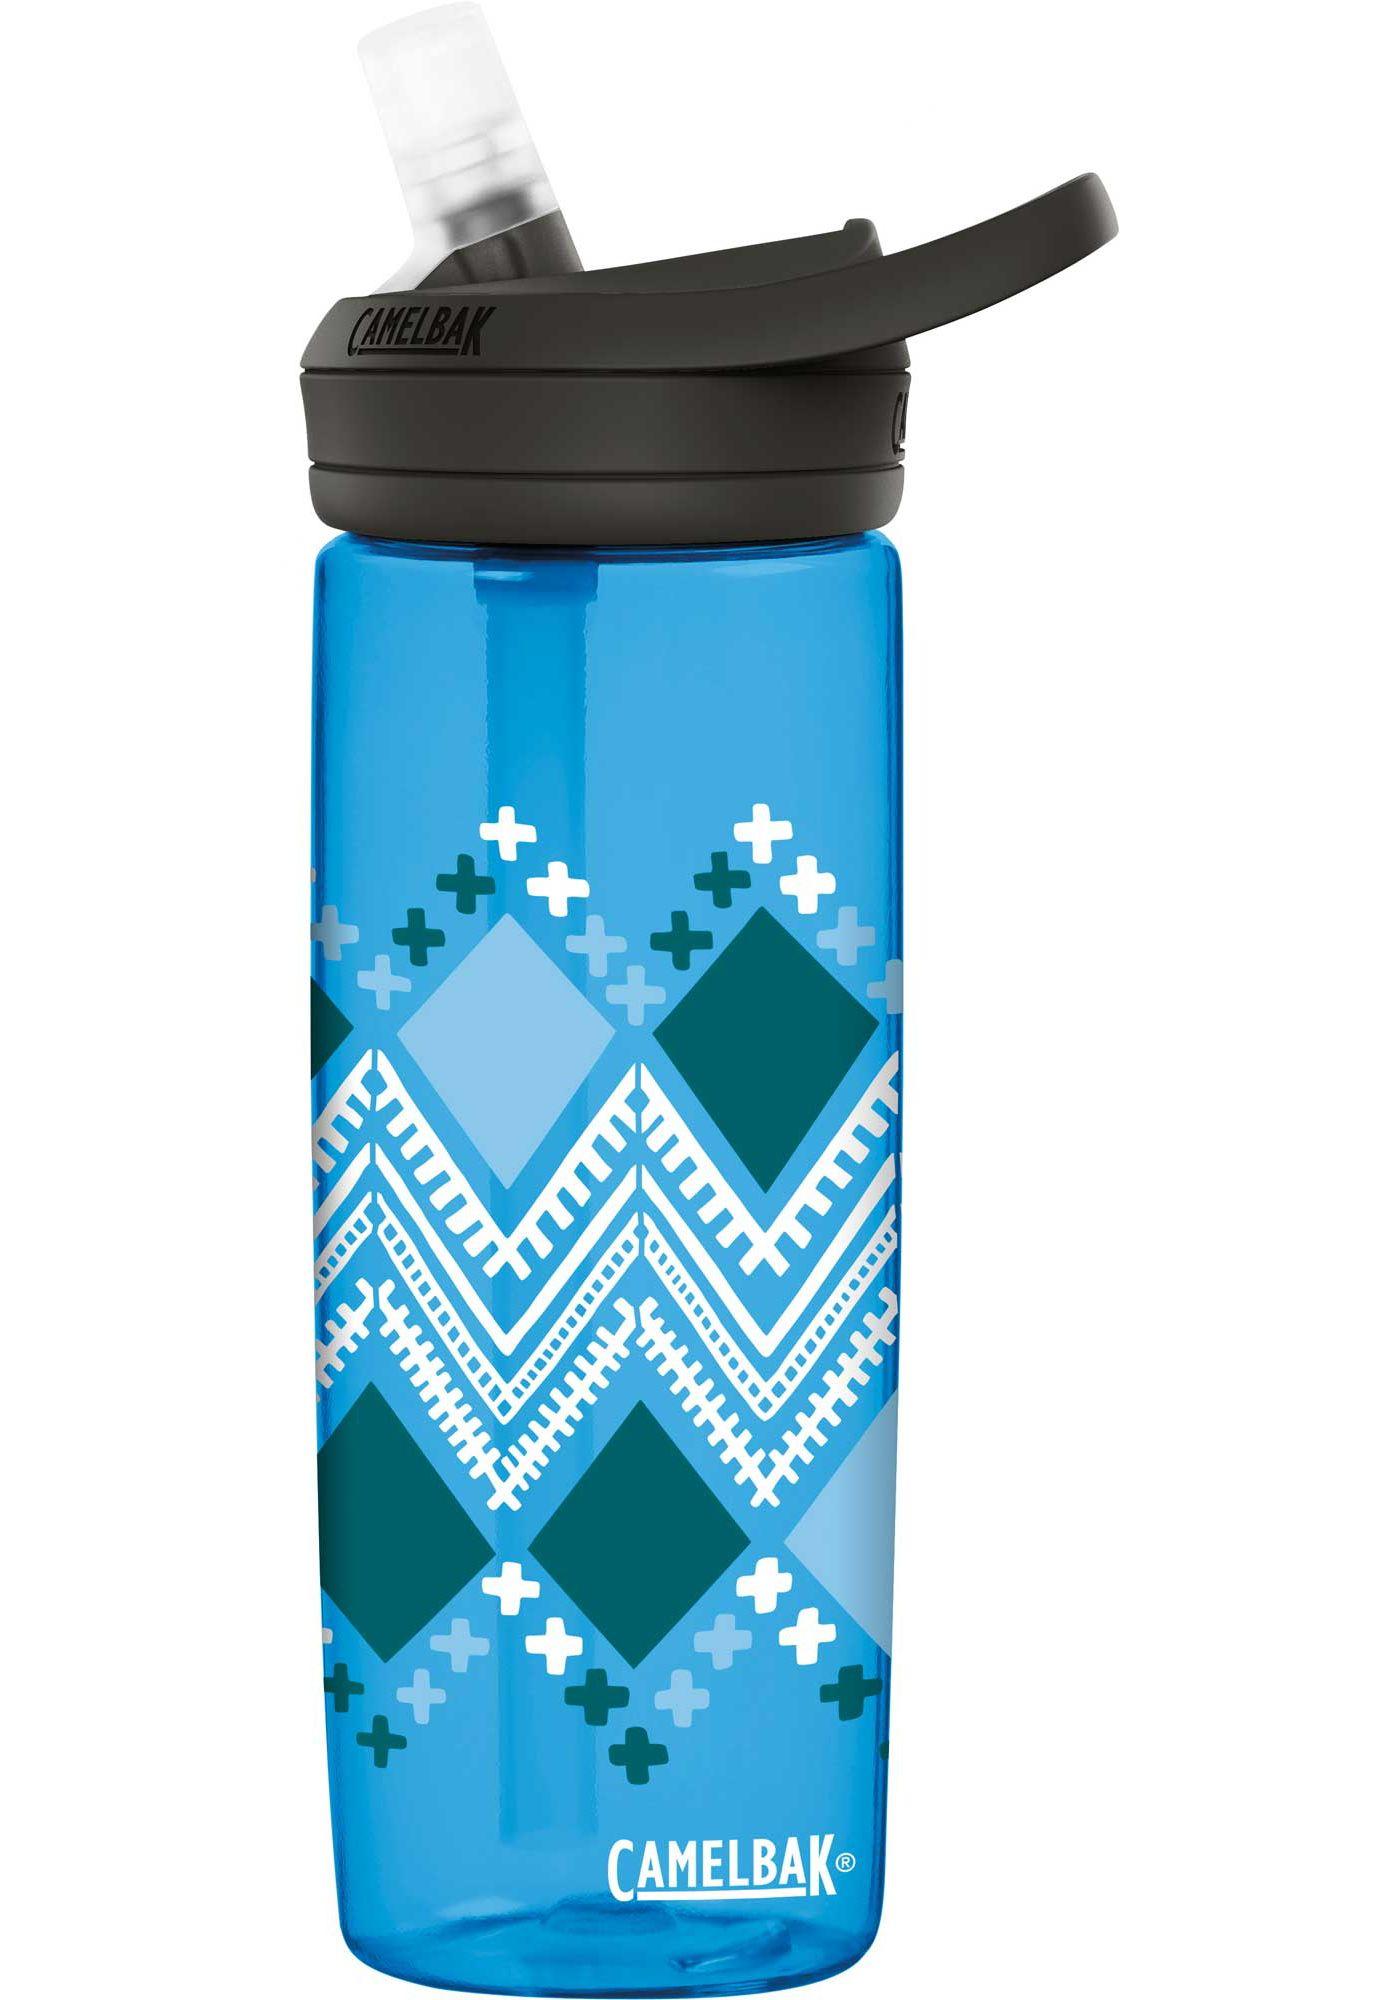 CamelBak Eddy+ 20 oz. Water Bottle